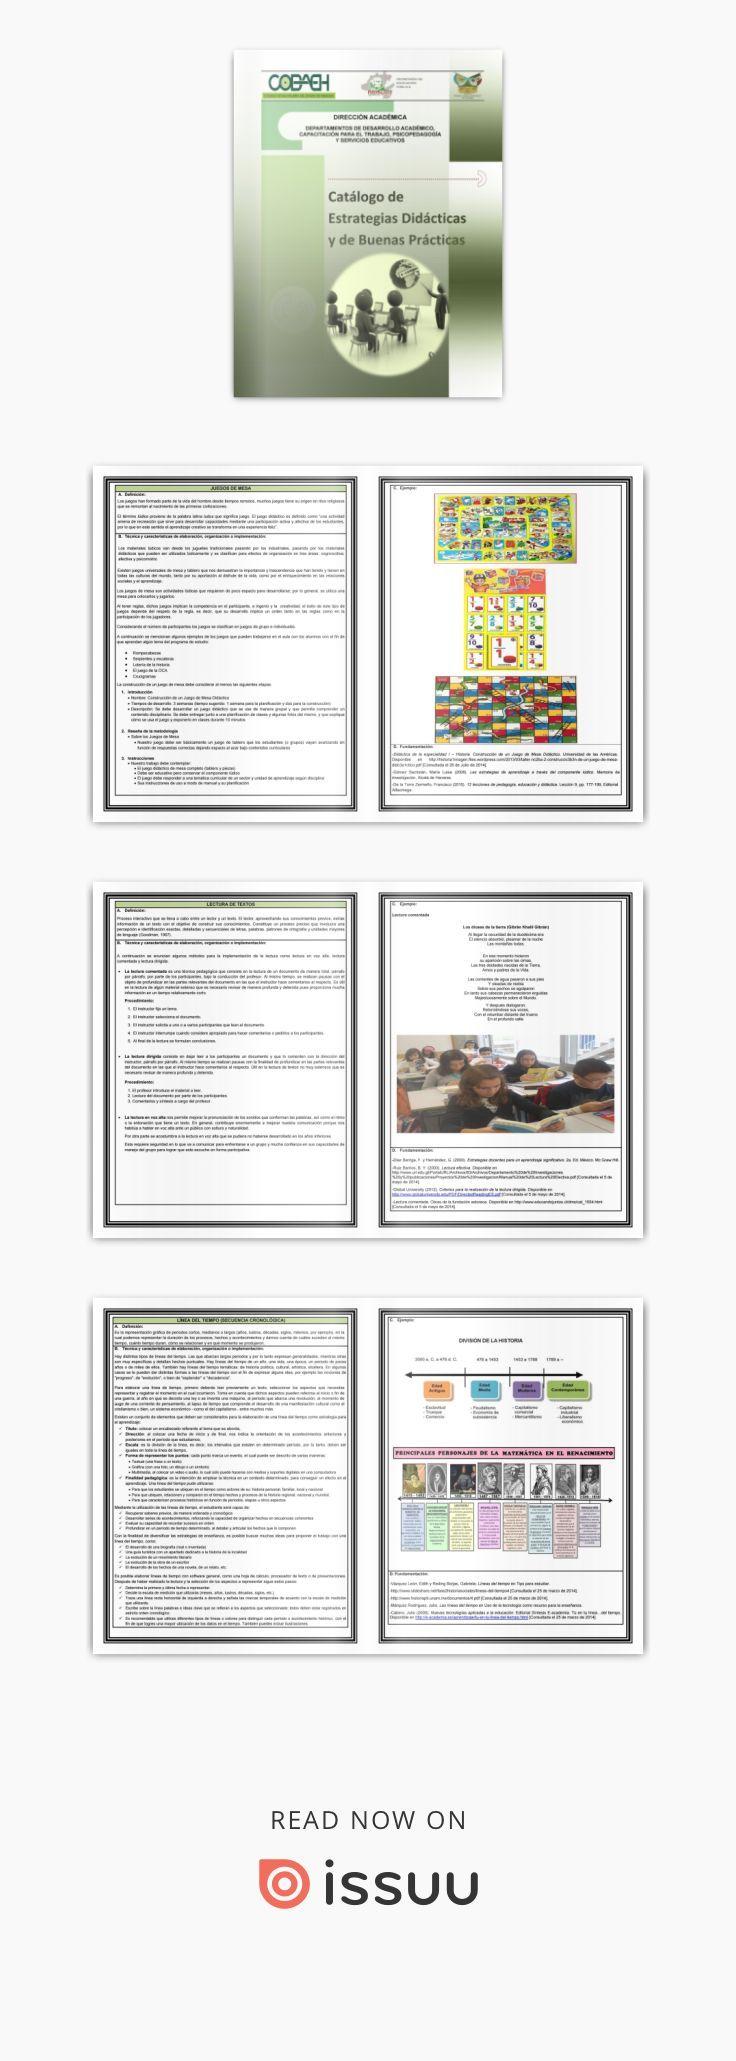 Catálogo De Estrategias Didácticas Y De Buenas Prácticas Didactico Buenas Prácticas Sé Bueno